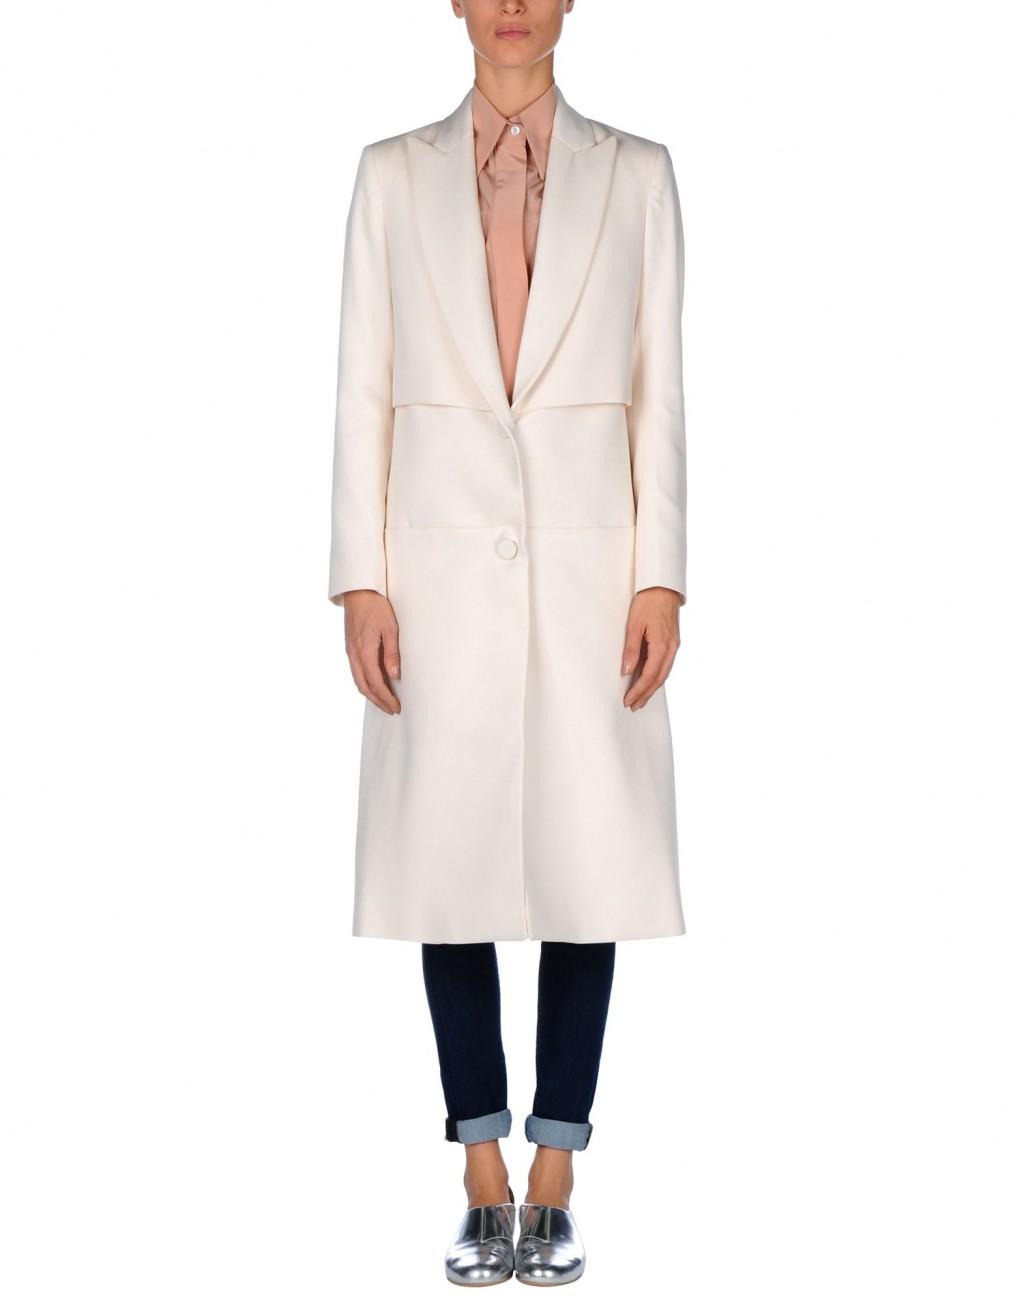 Behno-Coat-Emma-Watsons-1024x1303